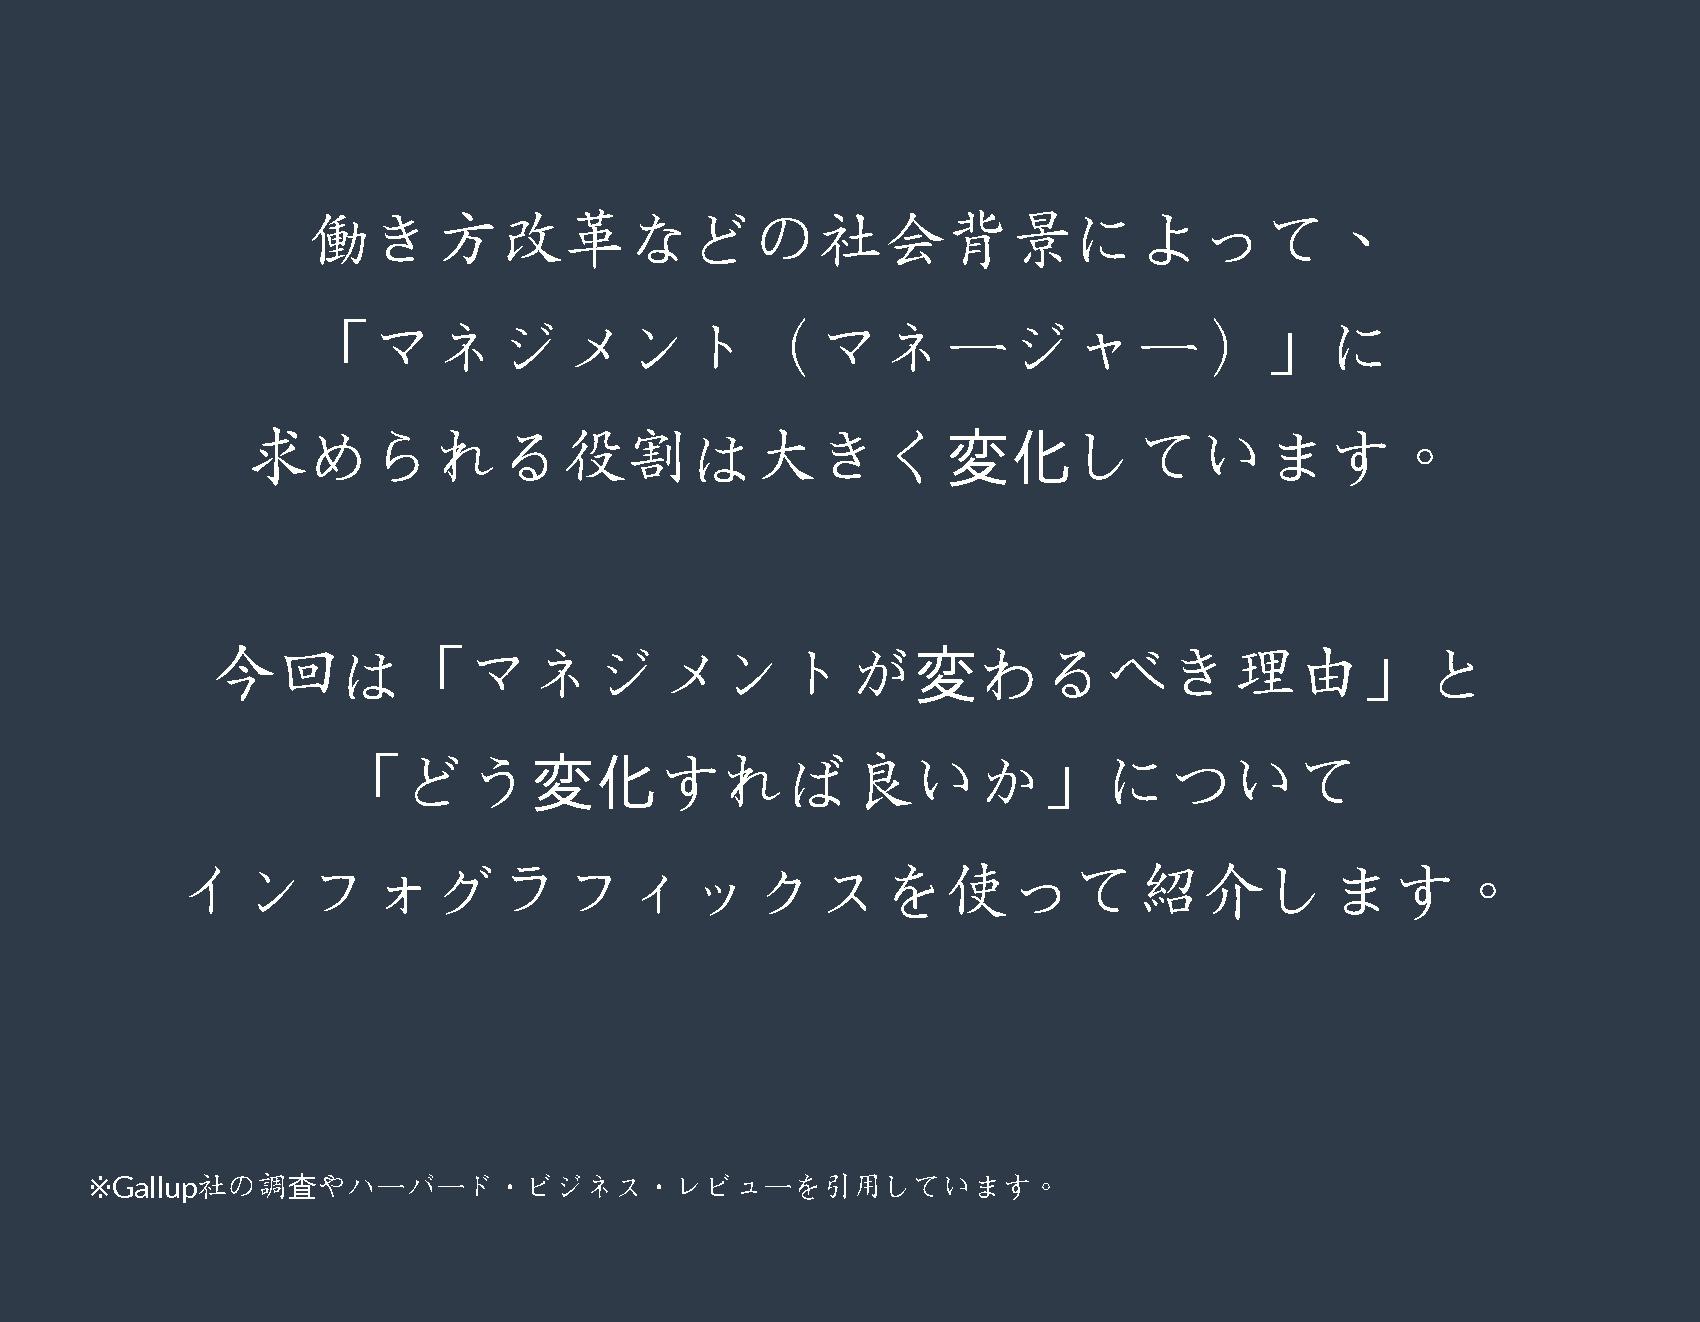 マネジメントショック_ページ_02